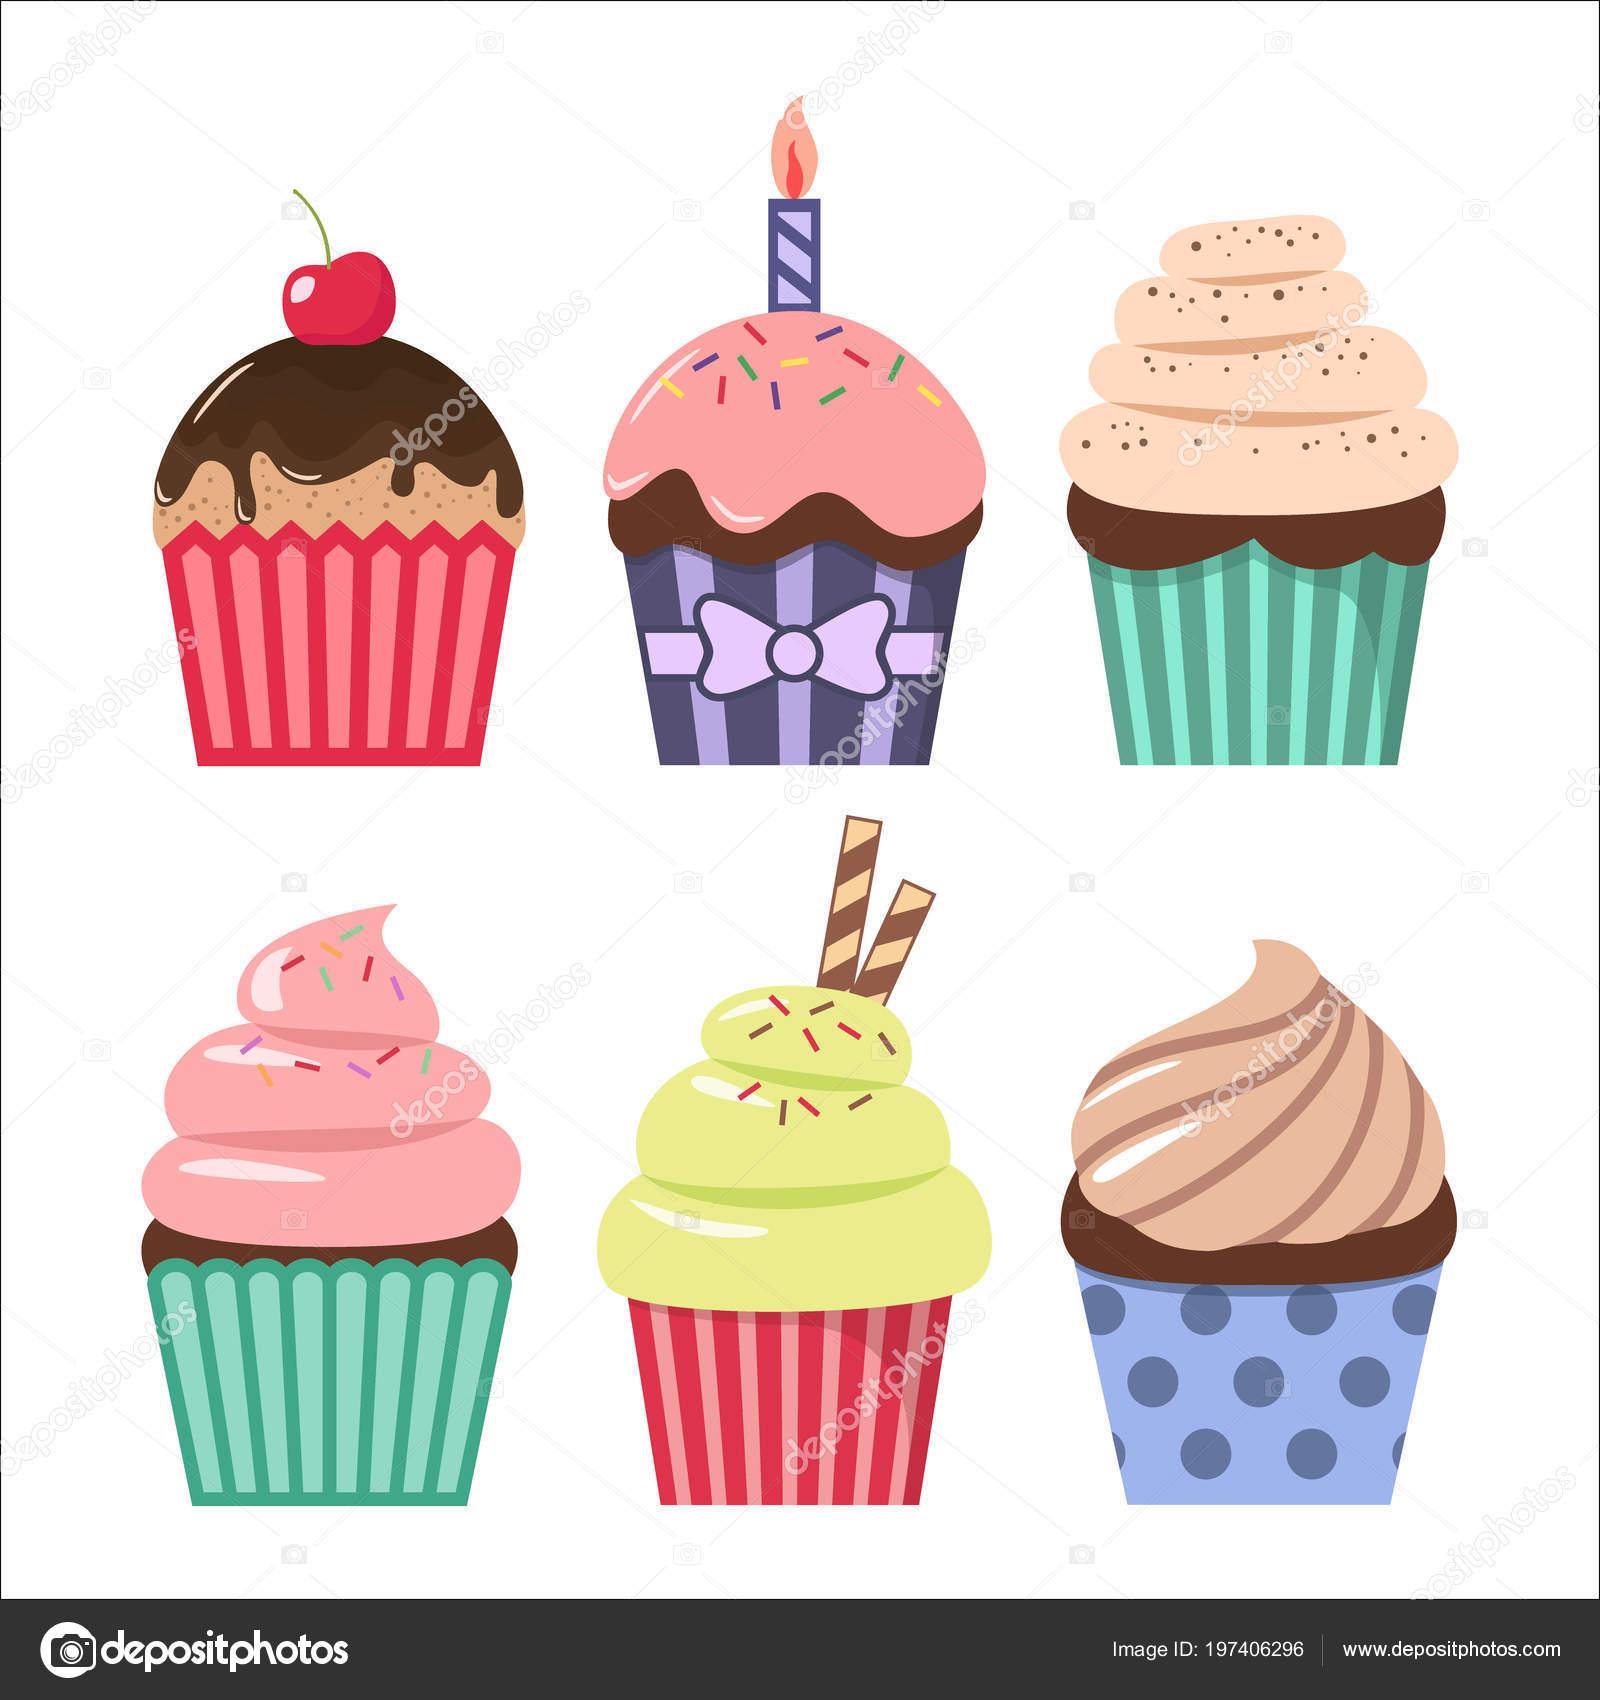 Clipart Cupcake Cartoons Clip Art Cartoon Cupcake Set Colorful